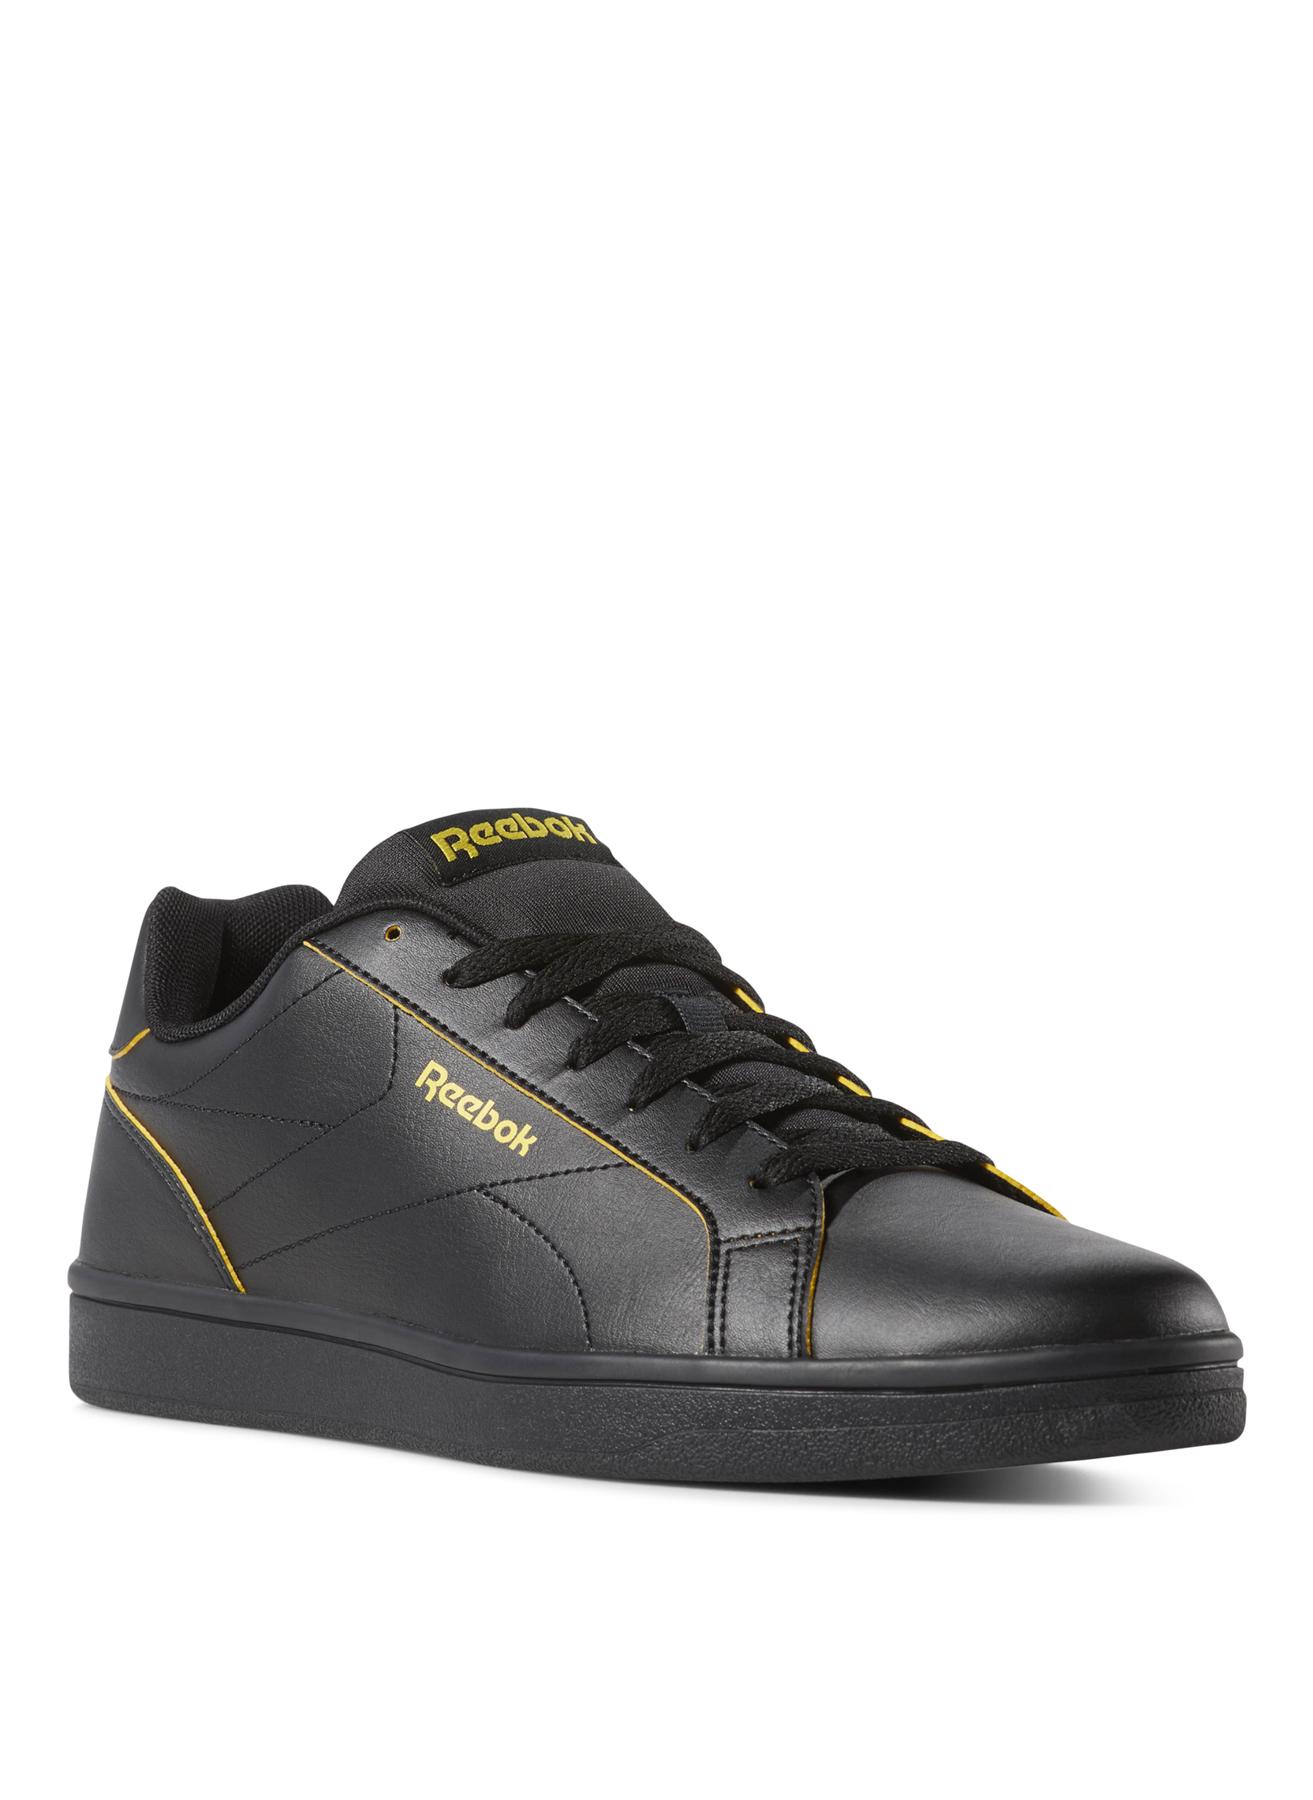 Reebok Lifestyle Ayakkabı 40.5 5002359630007 Ürün Resmi